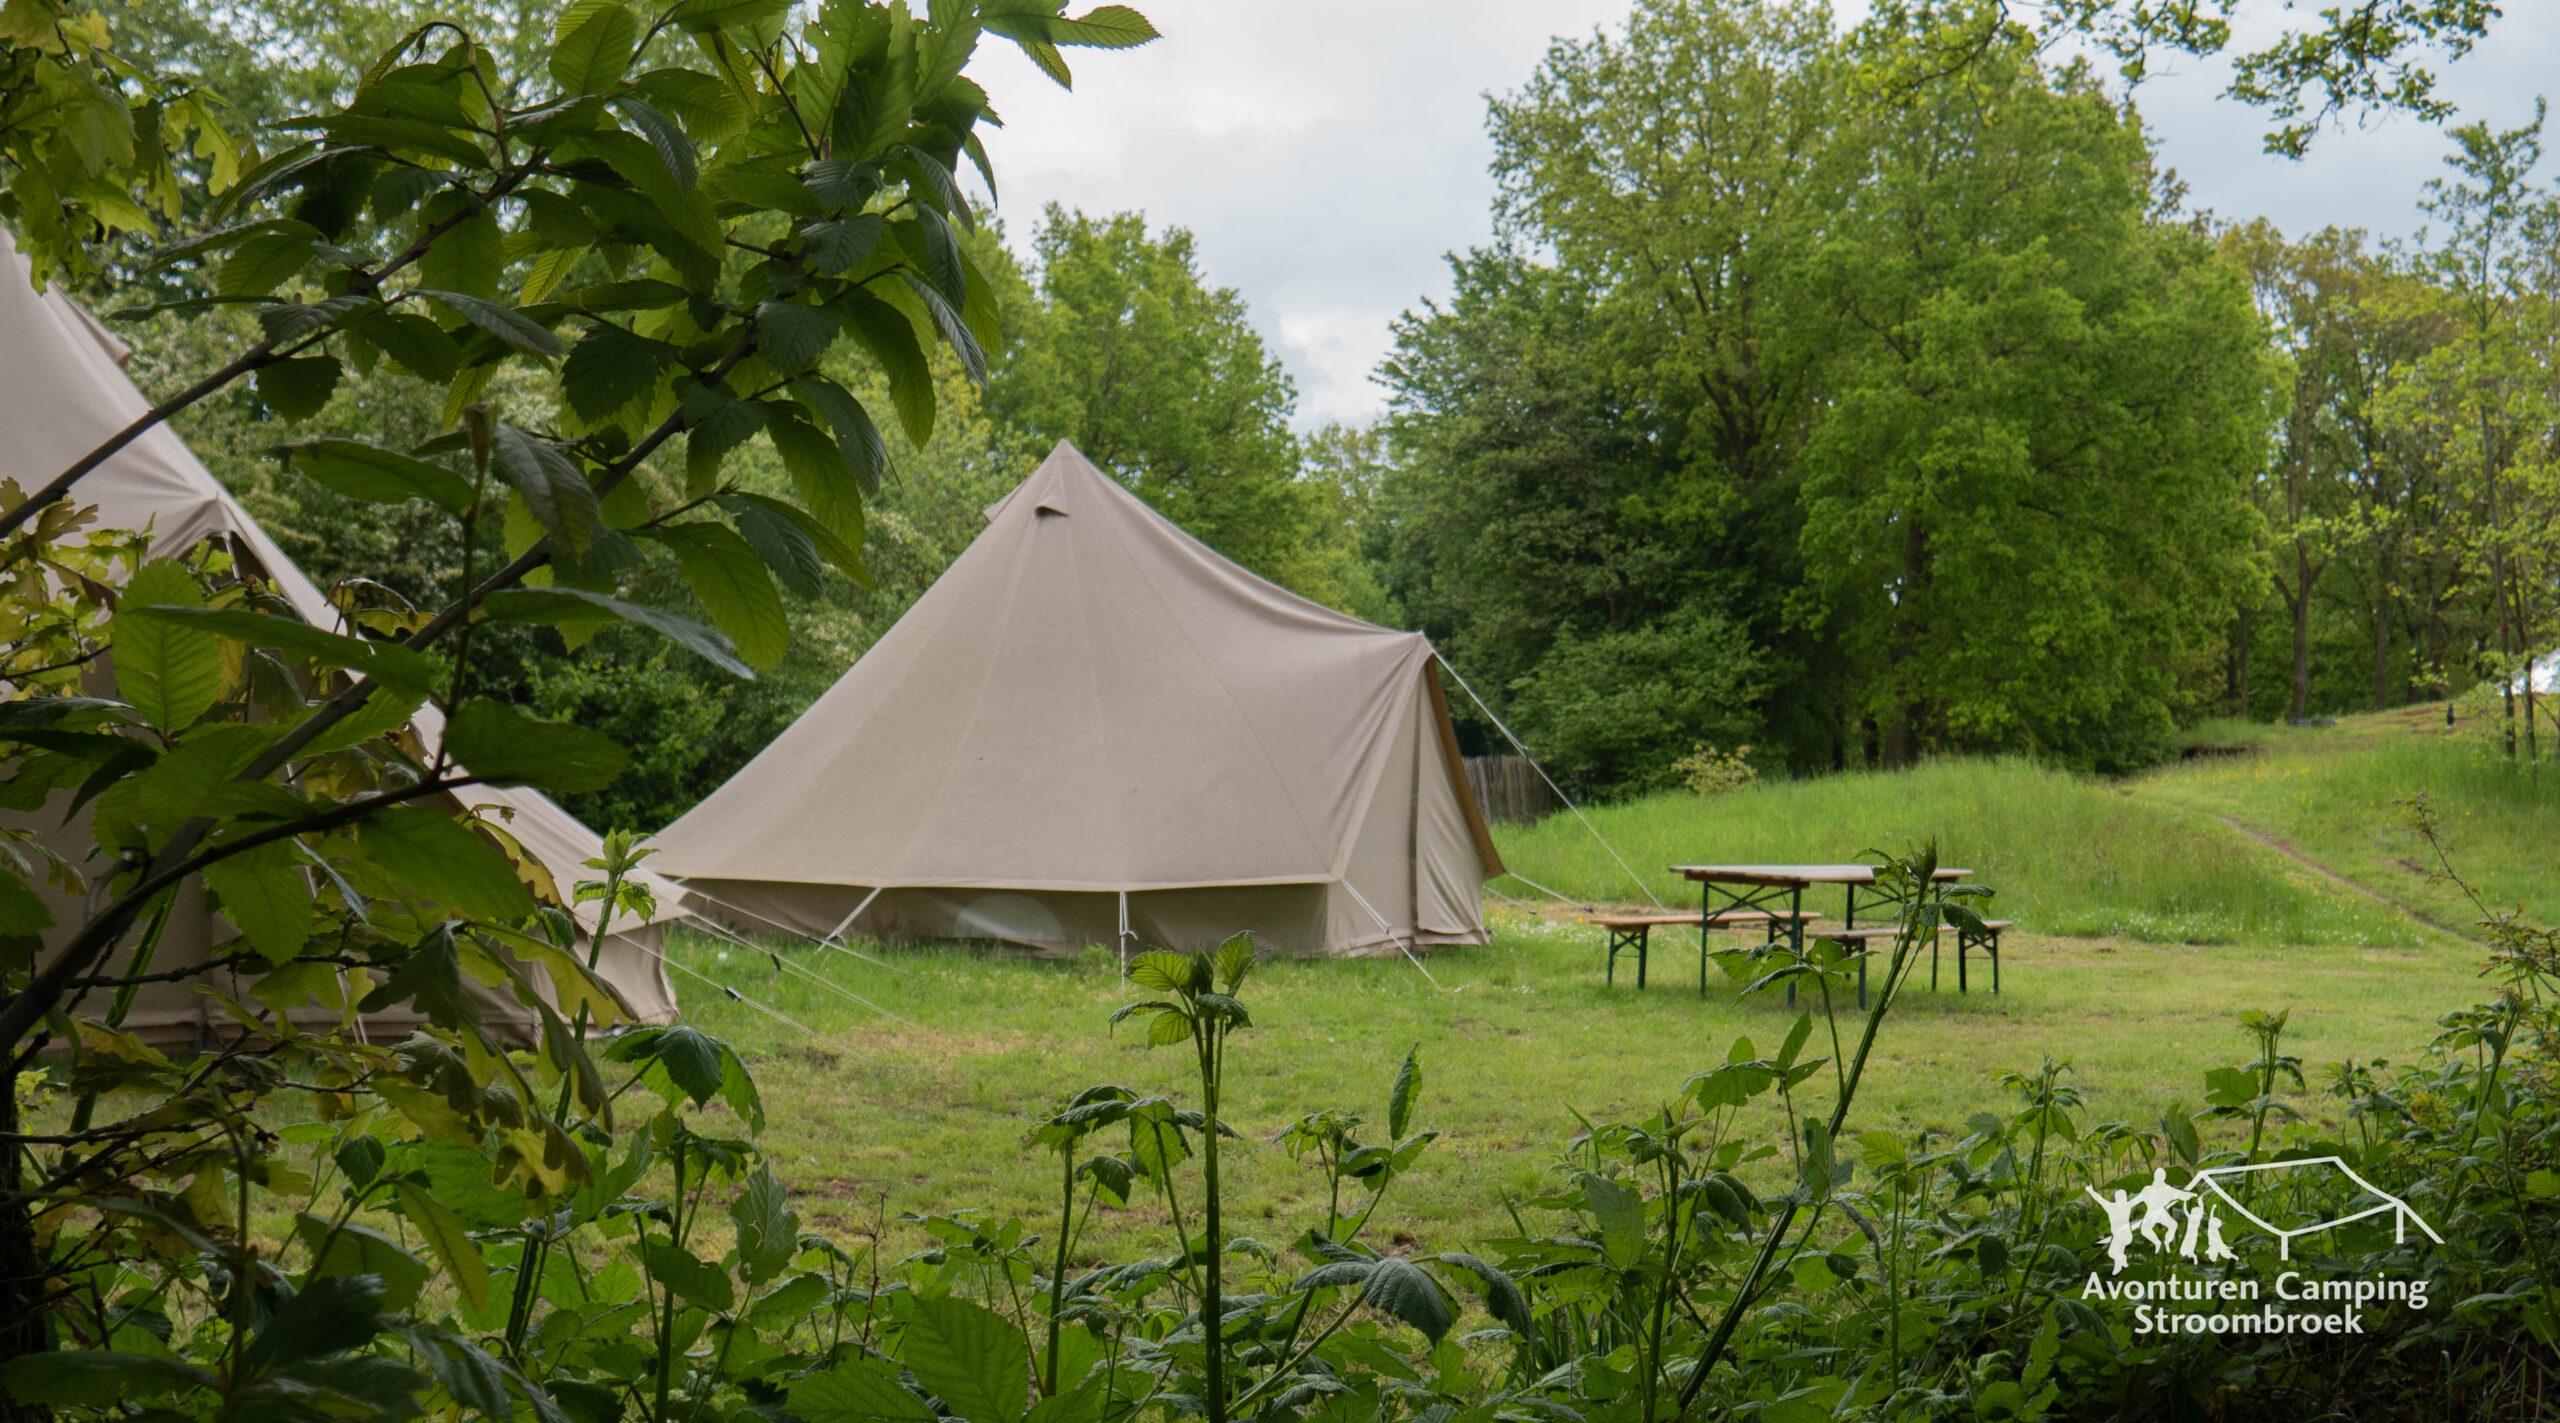 belltent kamperen achterhoek